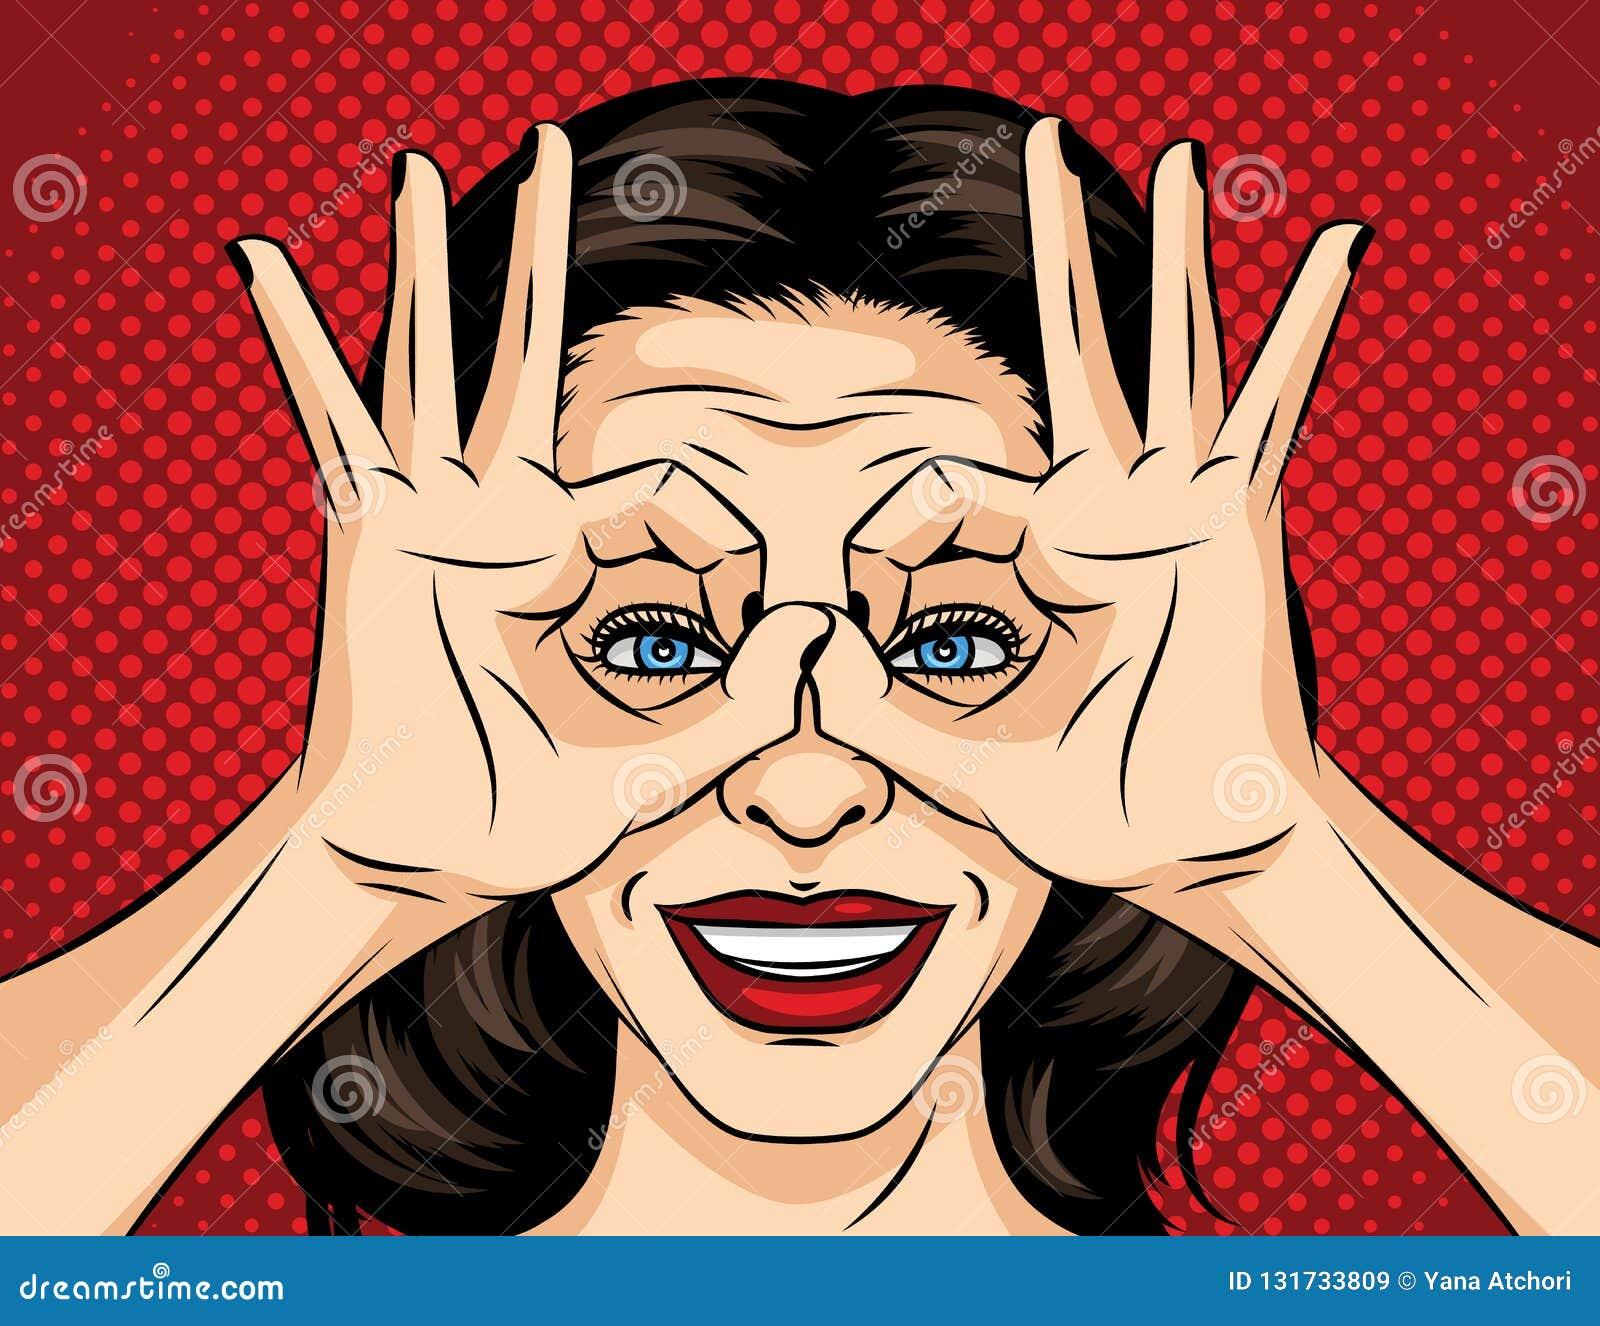 Illustration comique de style d art de bruit de vecteur d un visage de jeune femme Une fille à la recherche de quelque chose La f